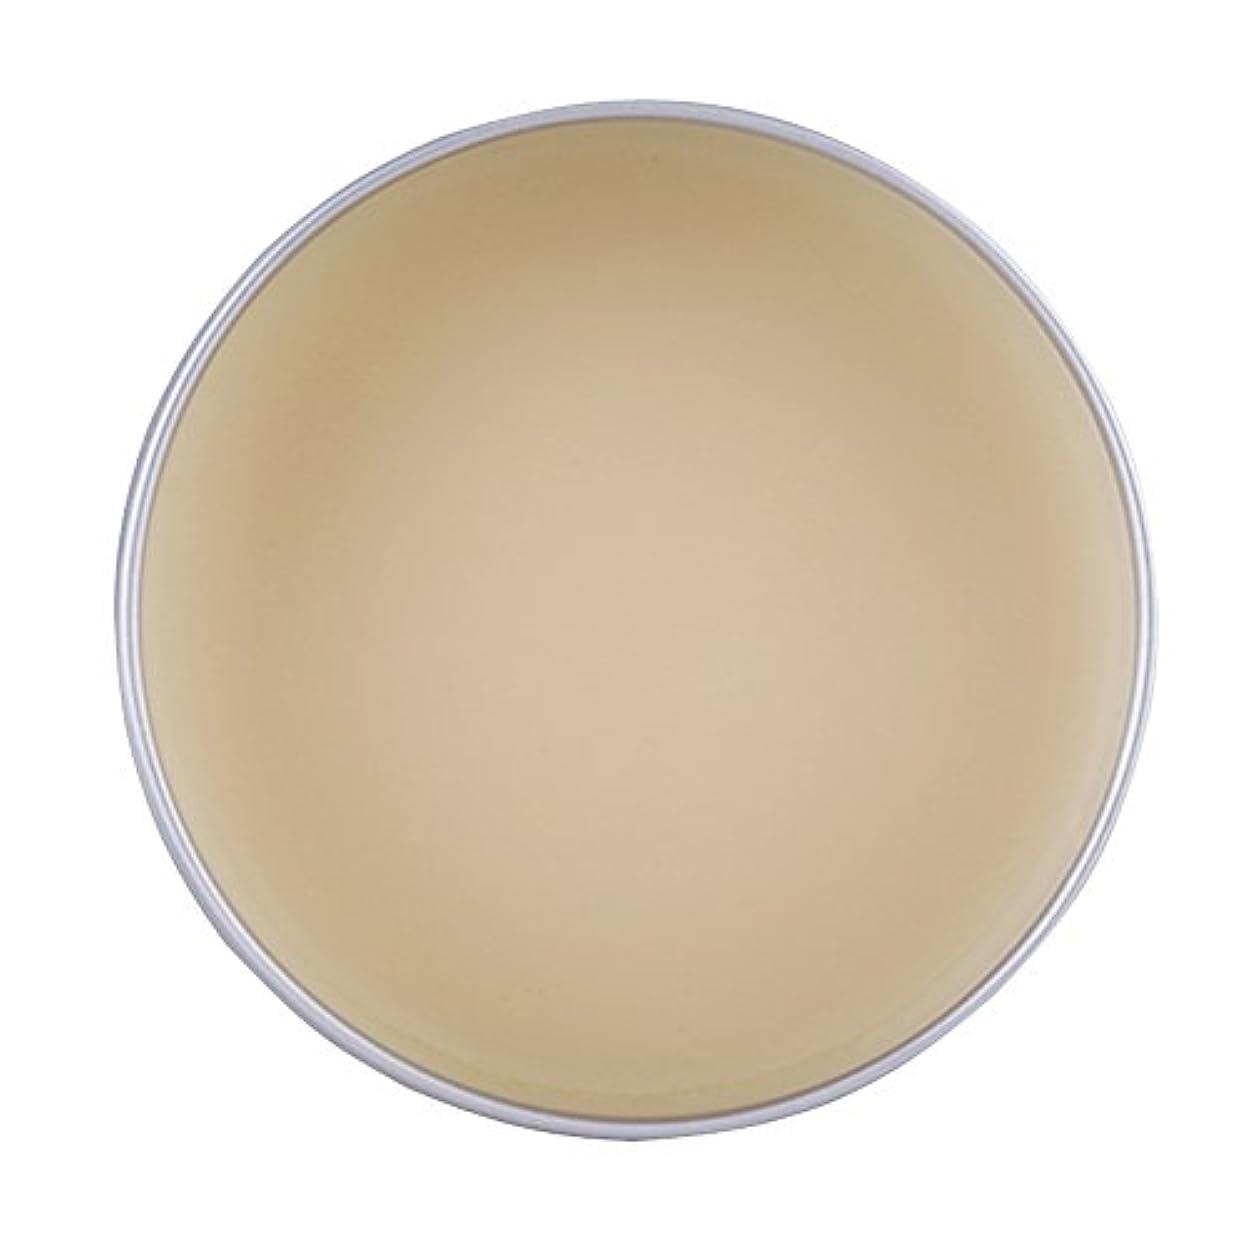 シャワー無駄彼の5タイププロフェッショナル偽の創傷修復カバー瘢痕眉毛クリームワックスメイクアップ化粧品(2)